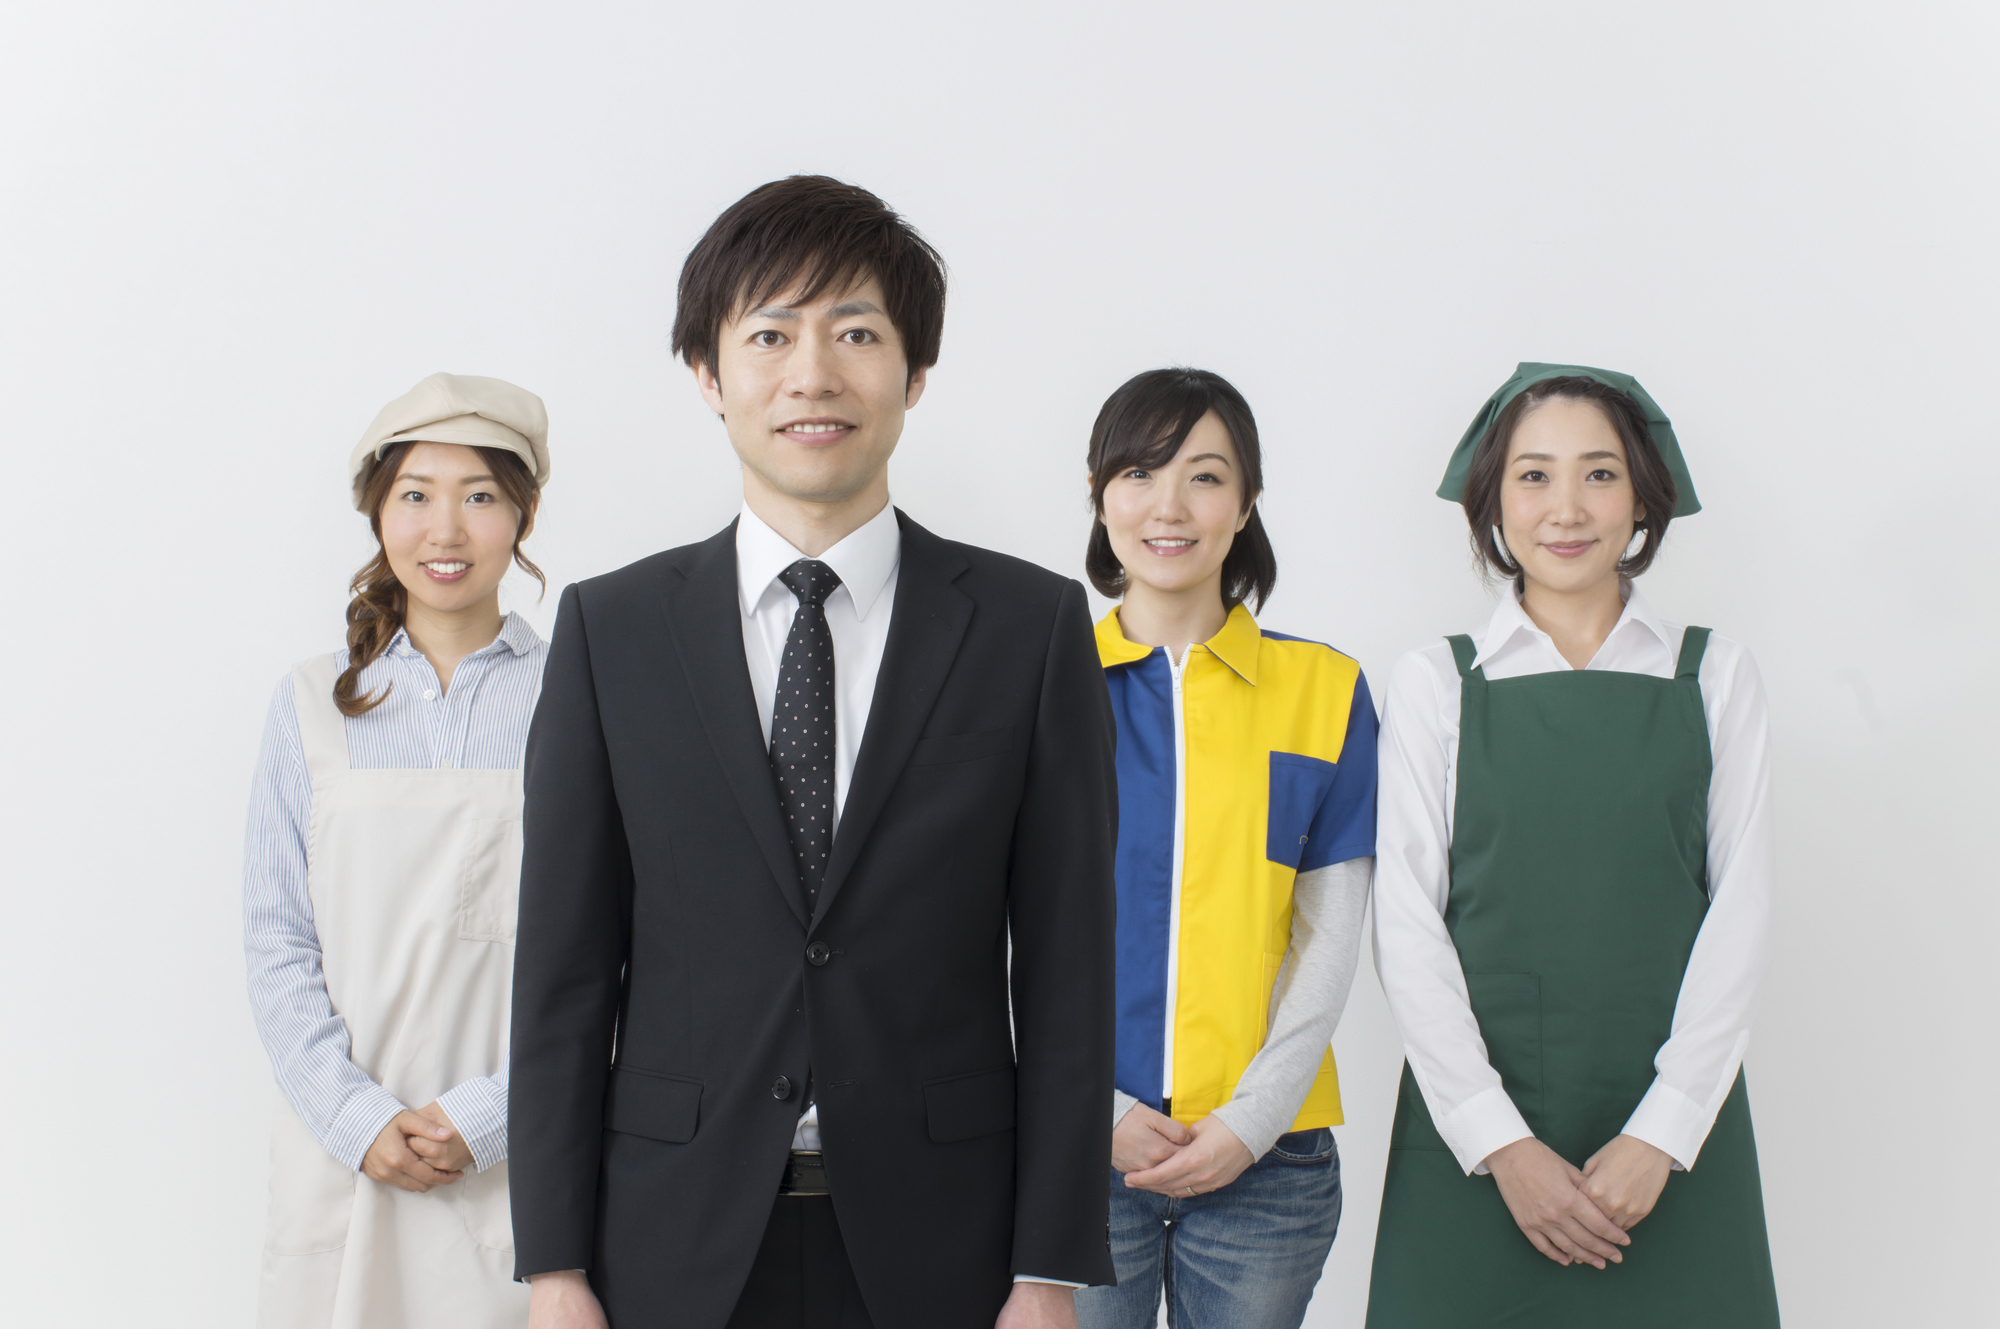 マネセツ166(山本)同一労働同一賃金・手当編/メイン